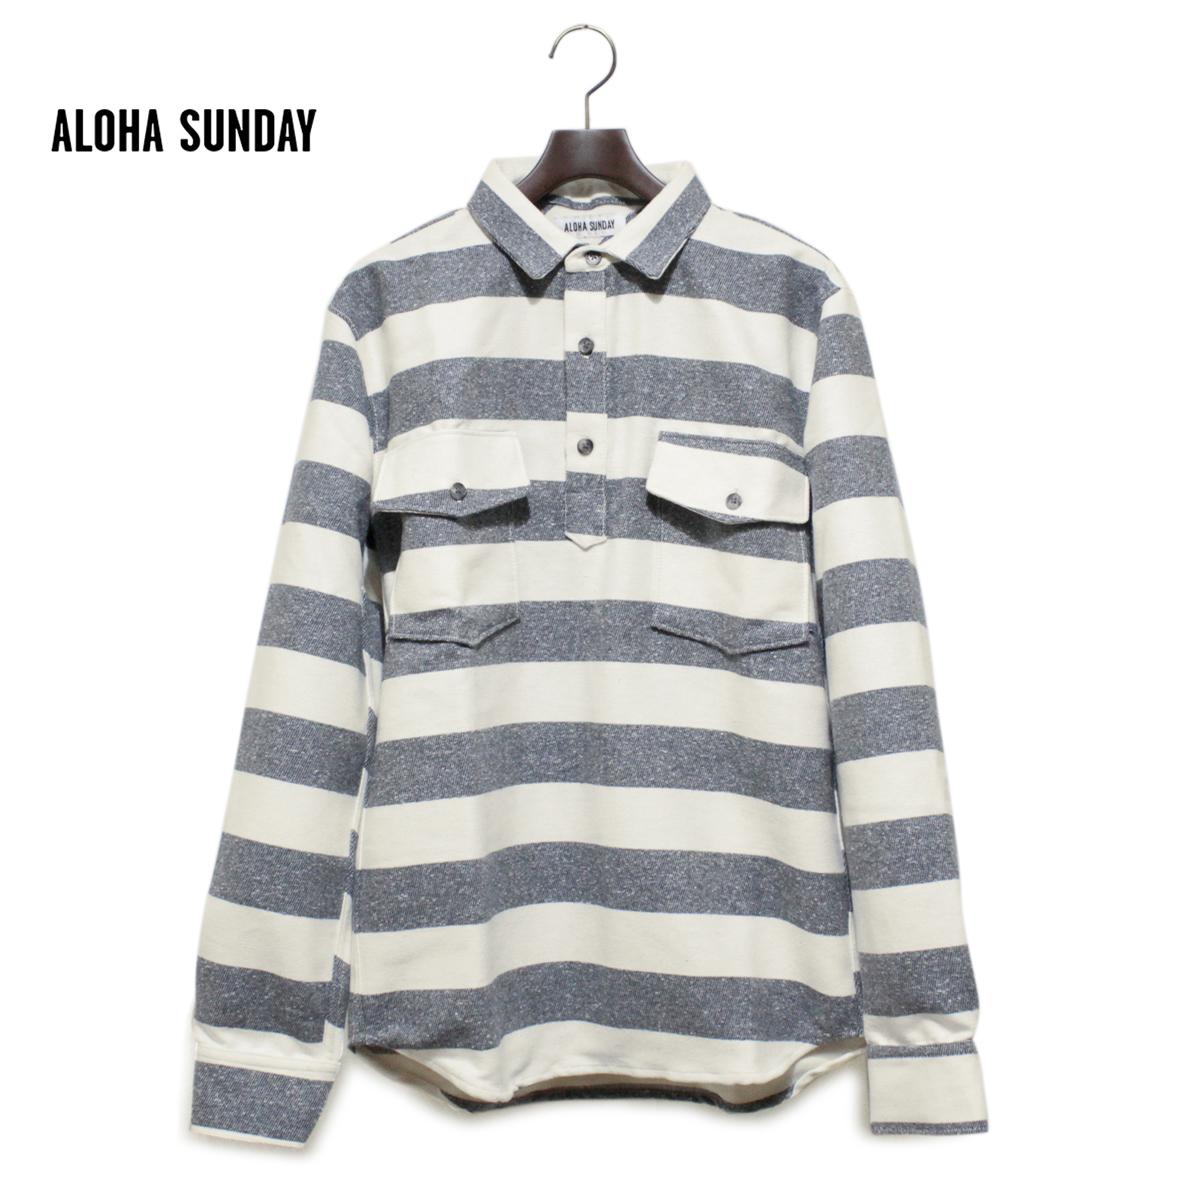 ALOHA SUNDAY アロハサンデー FASI ボーダーシャツ メンズ ネイビーXナチュラル S-XL